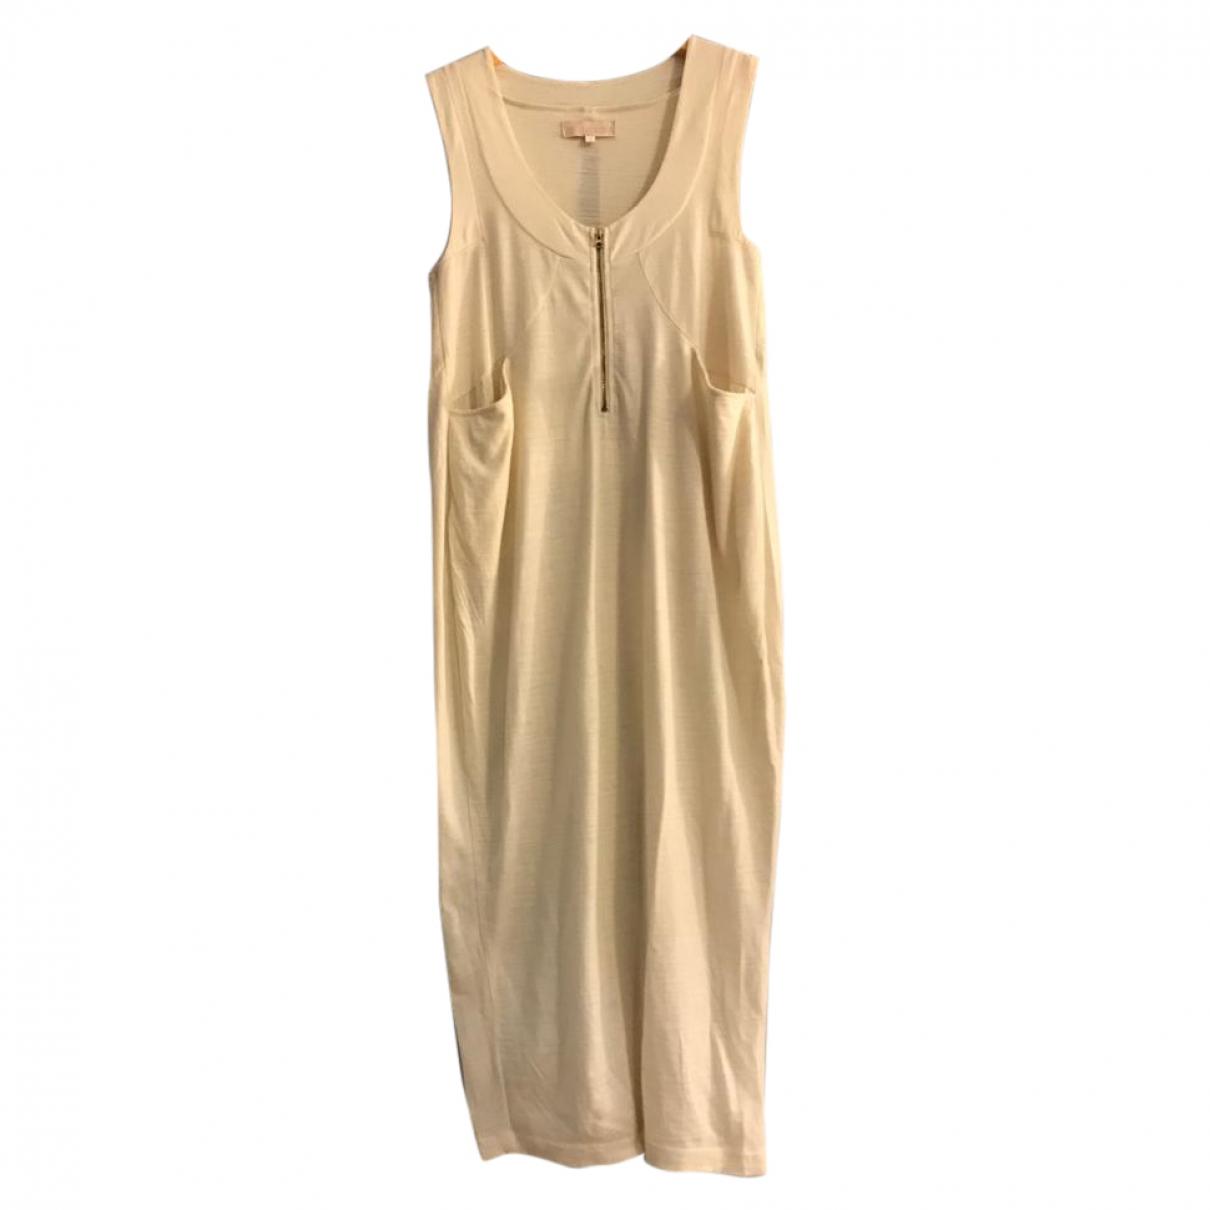 Heimstone \N Beige Wool dress for Women 36 FR